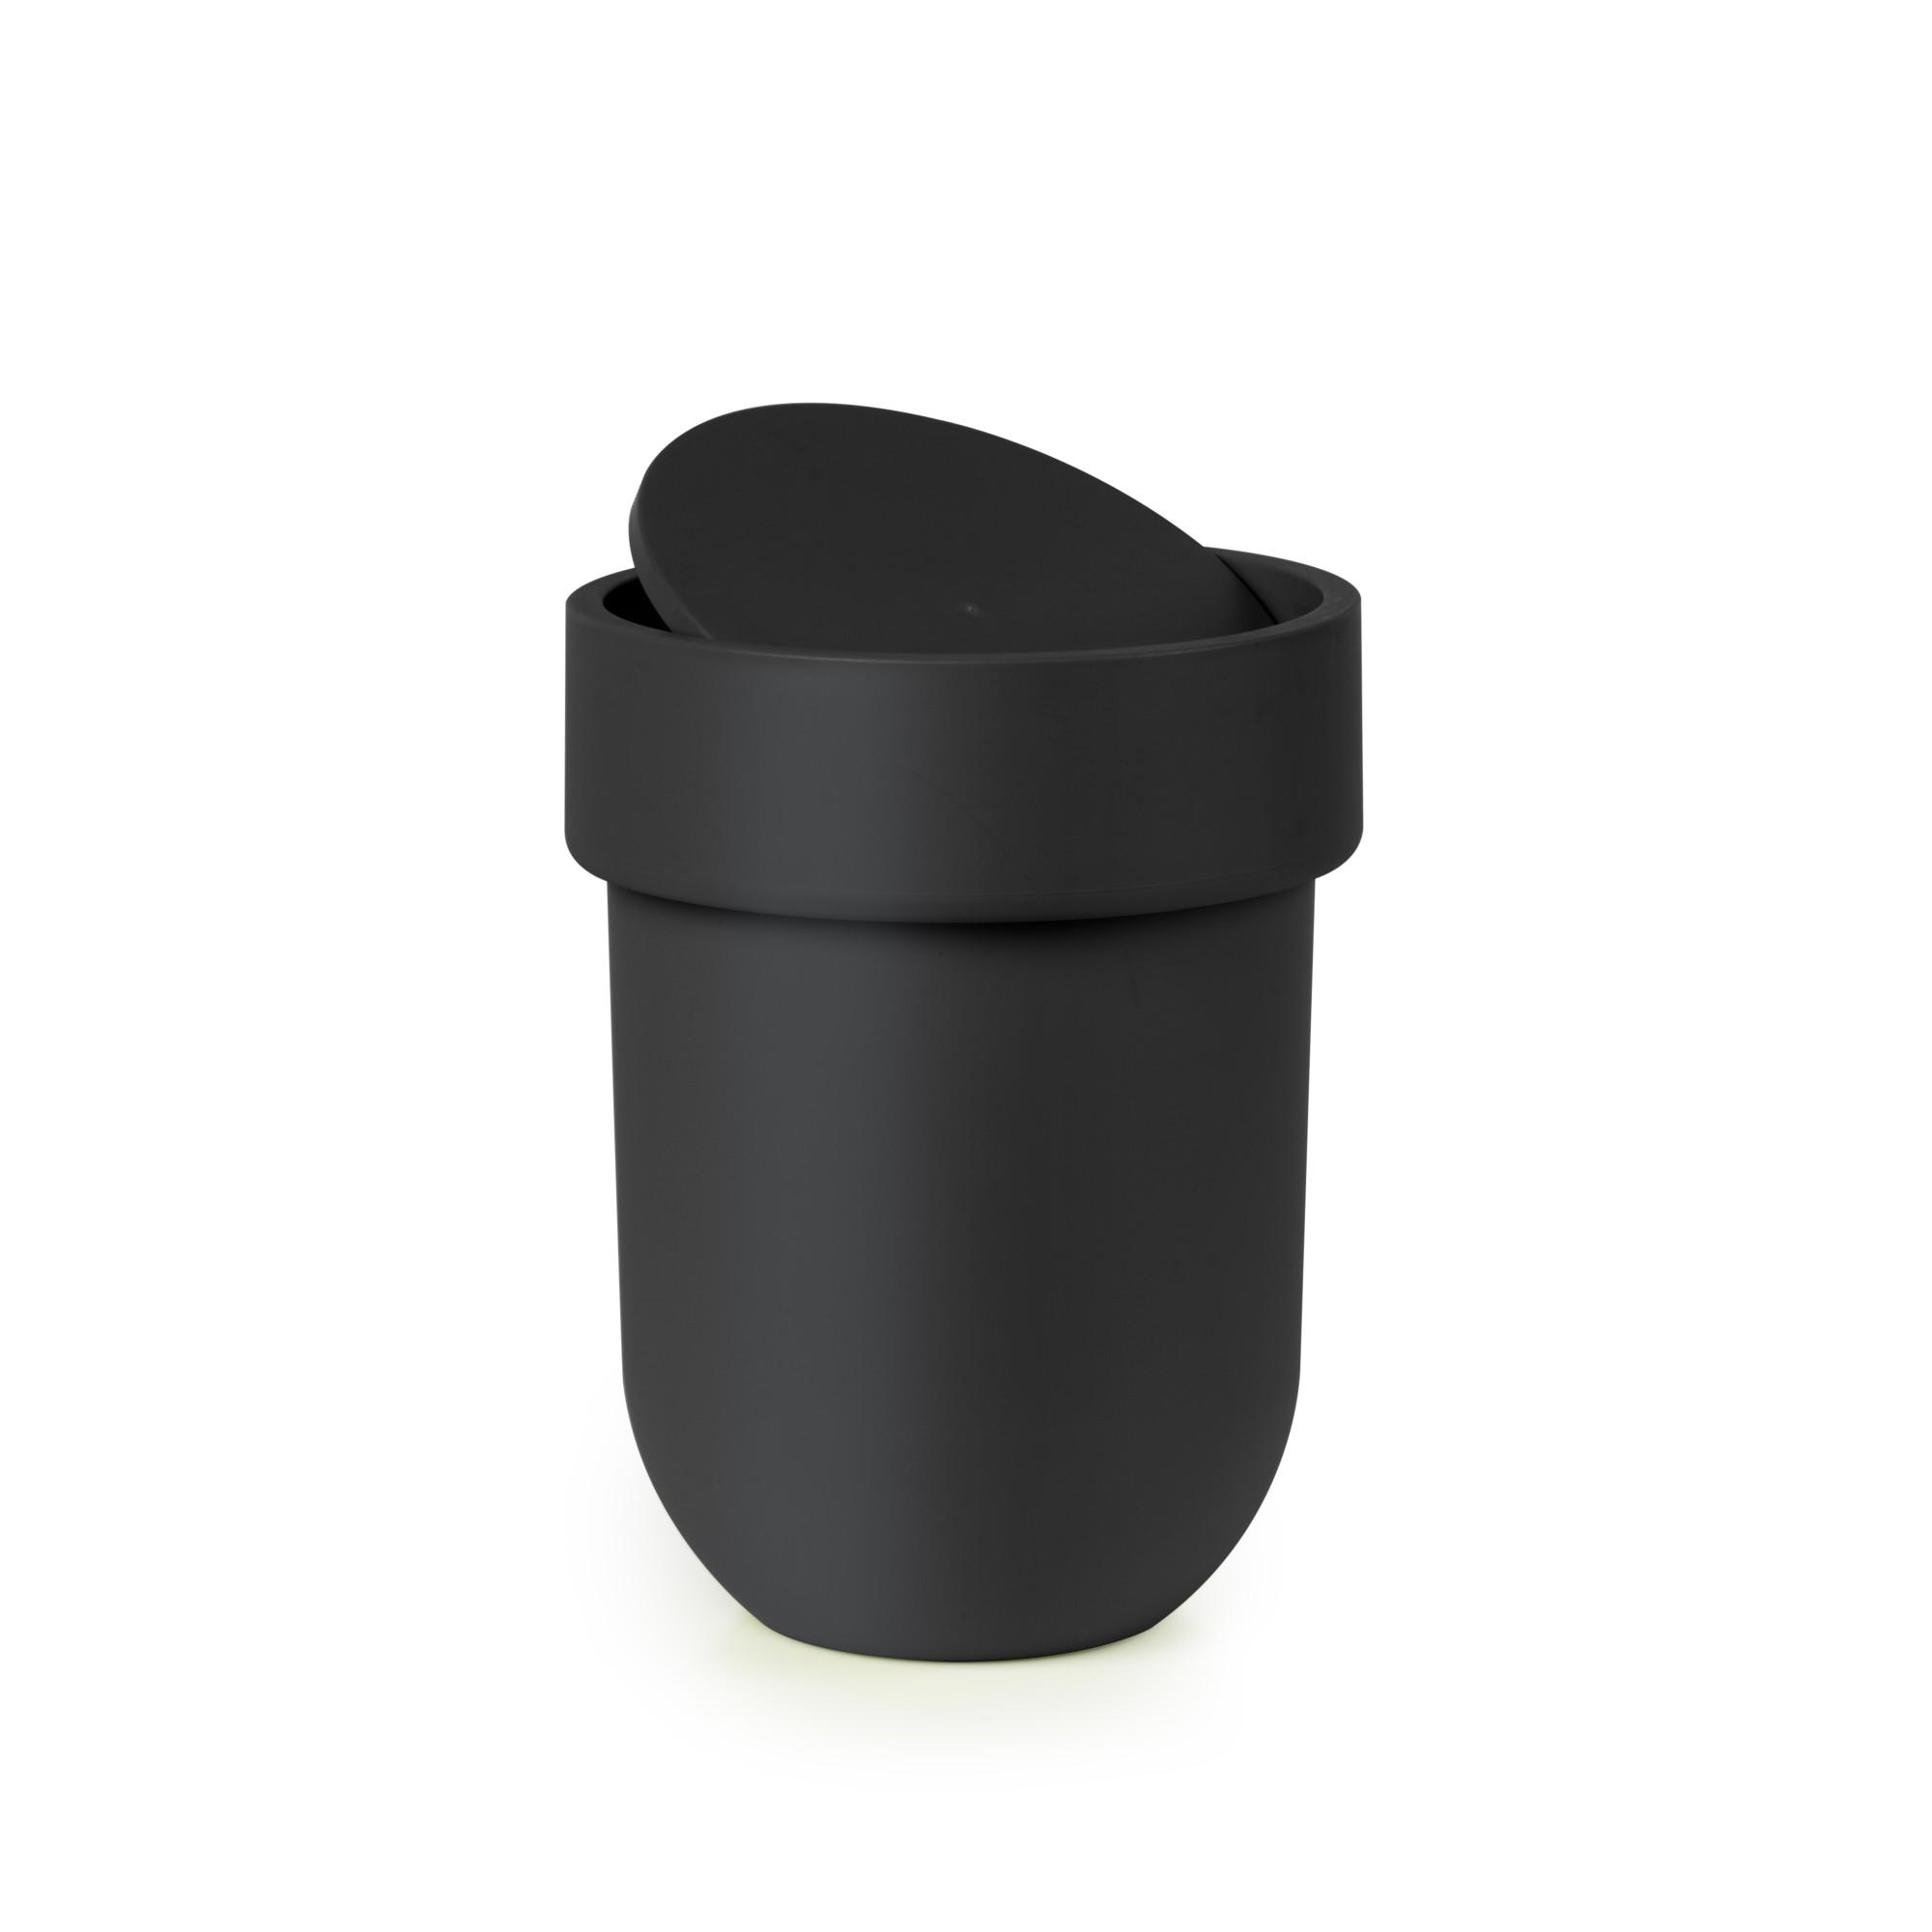 Lixeira Basculante para Pia Plastico Preta 023269-040 - Umbra